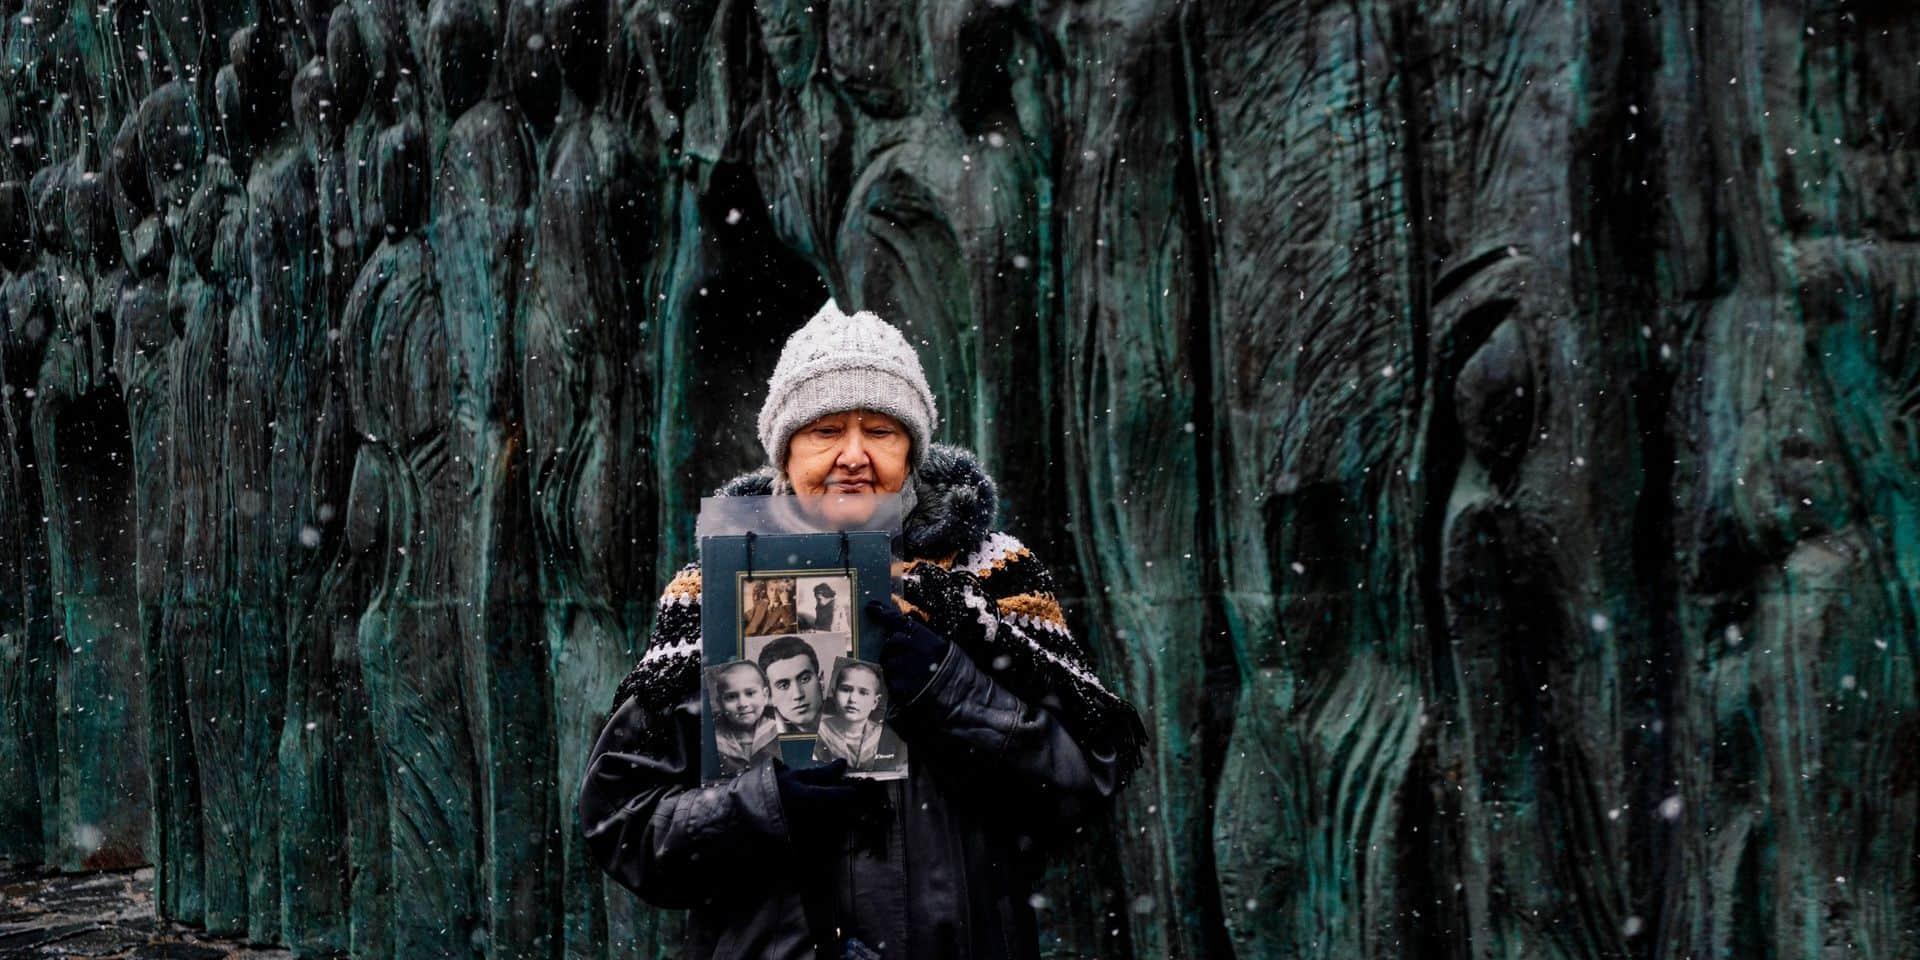 Une dame se recueille au Mur du chagrin, le 30 octobre 2019 à Moscou, en souvenir des victimes de la répression soviétique.